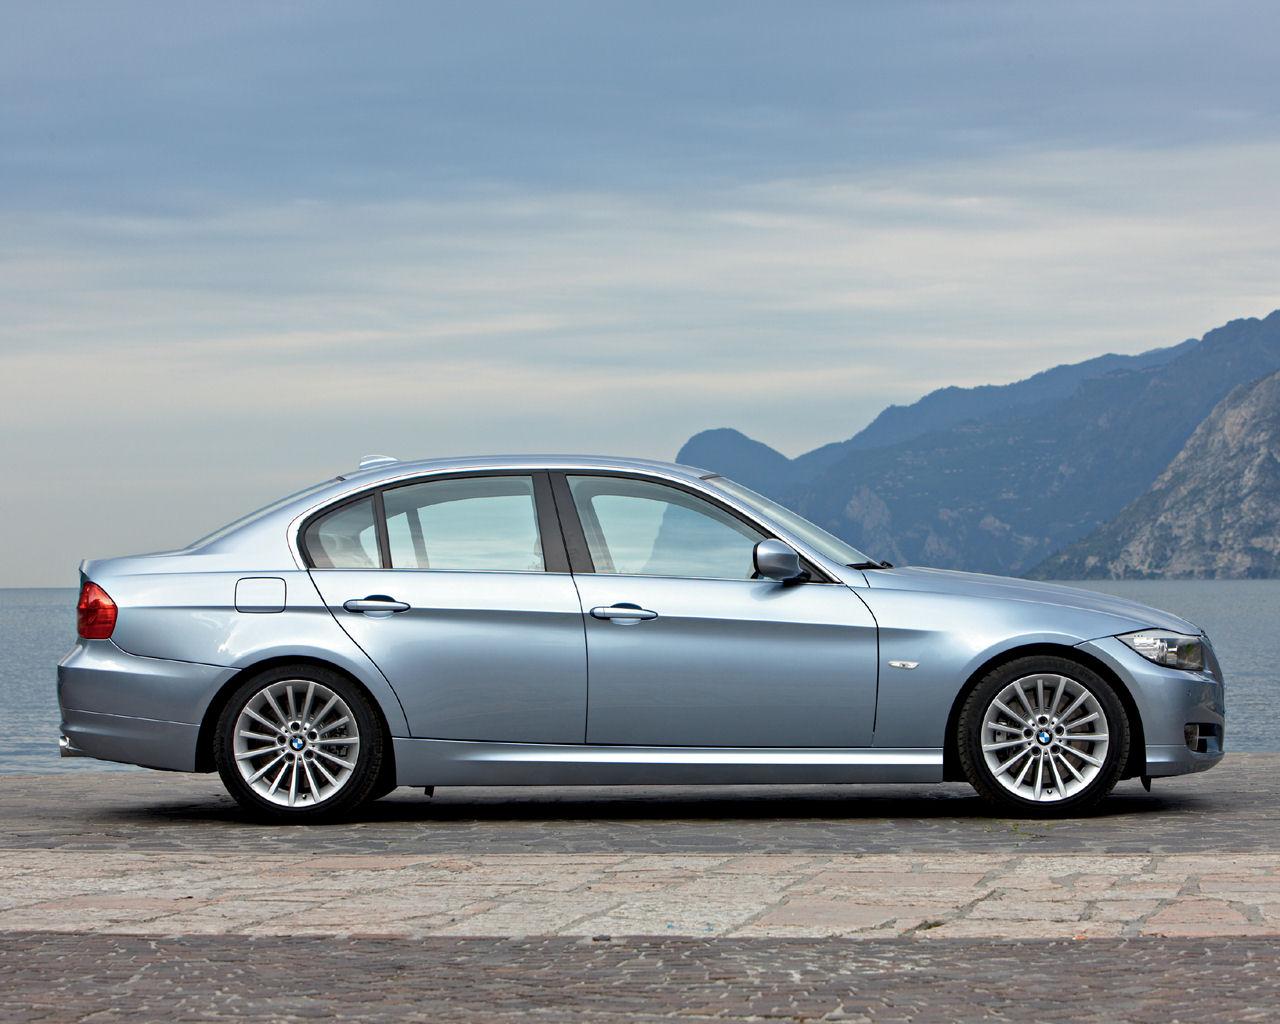 BMW 3-Series, 325i, 328i, 330i, 335i, 335d - Free ...